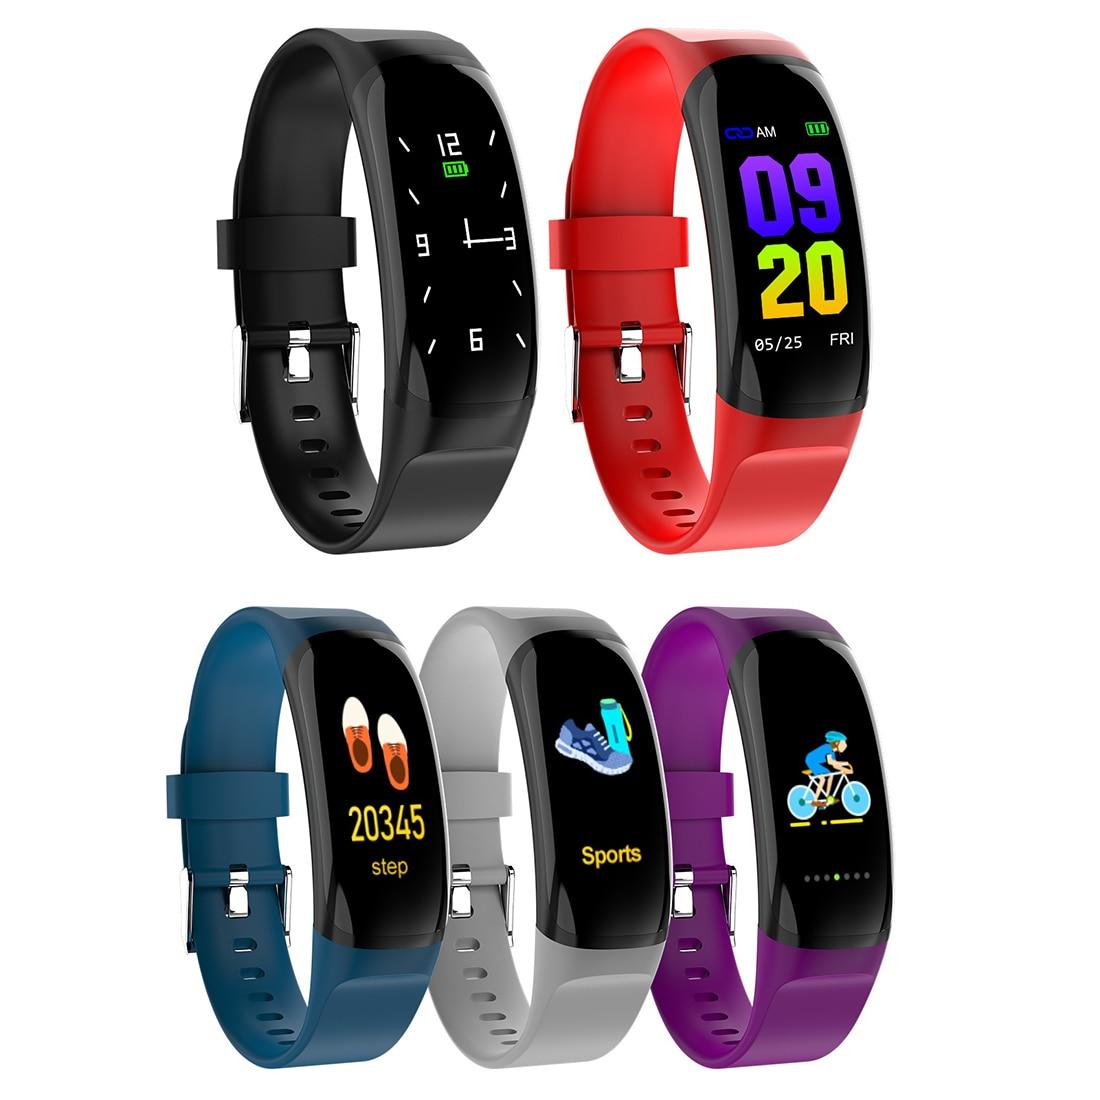 Intelligente Elektronik Schlussverkauf Mk04 Dynamische Ui Großen Bildschirm Smart Uhr Wasserdicht Aktivität Fitness Tracker Heart Rate Monitor Sport Männer Frauen Smartwatch Weniger Teuer